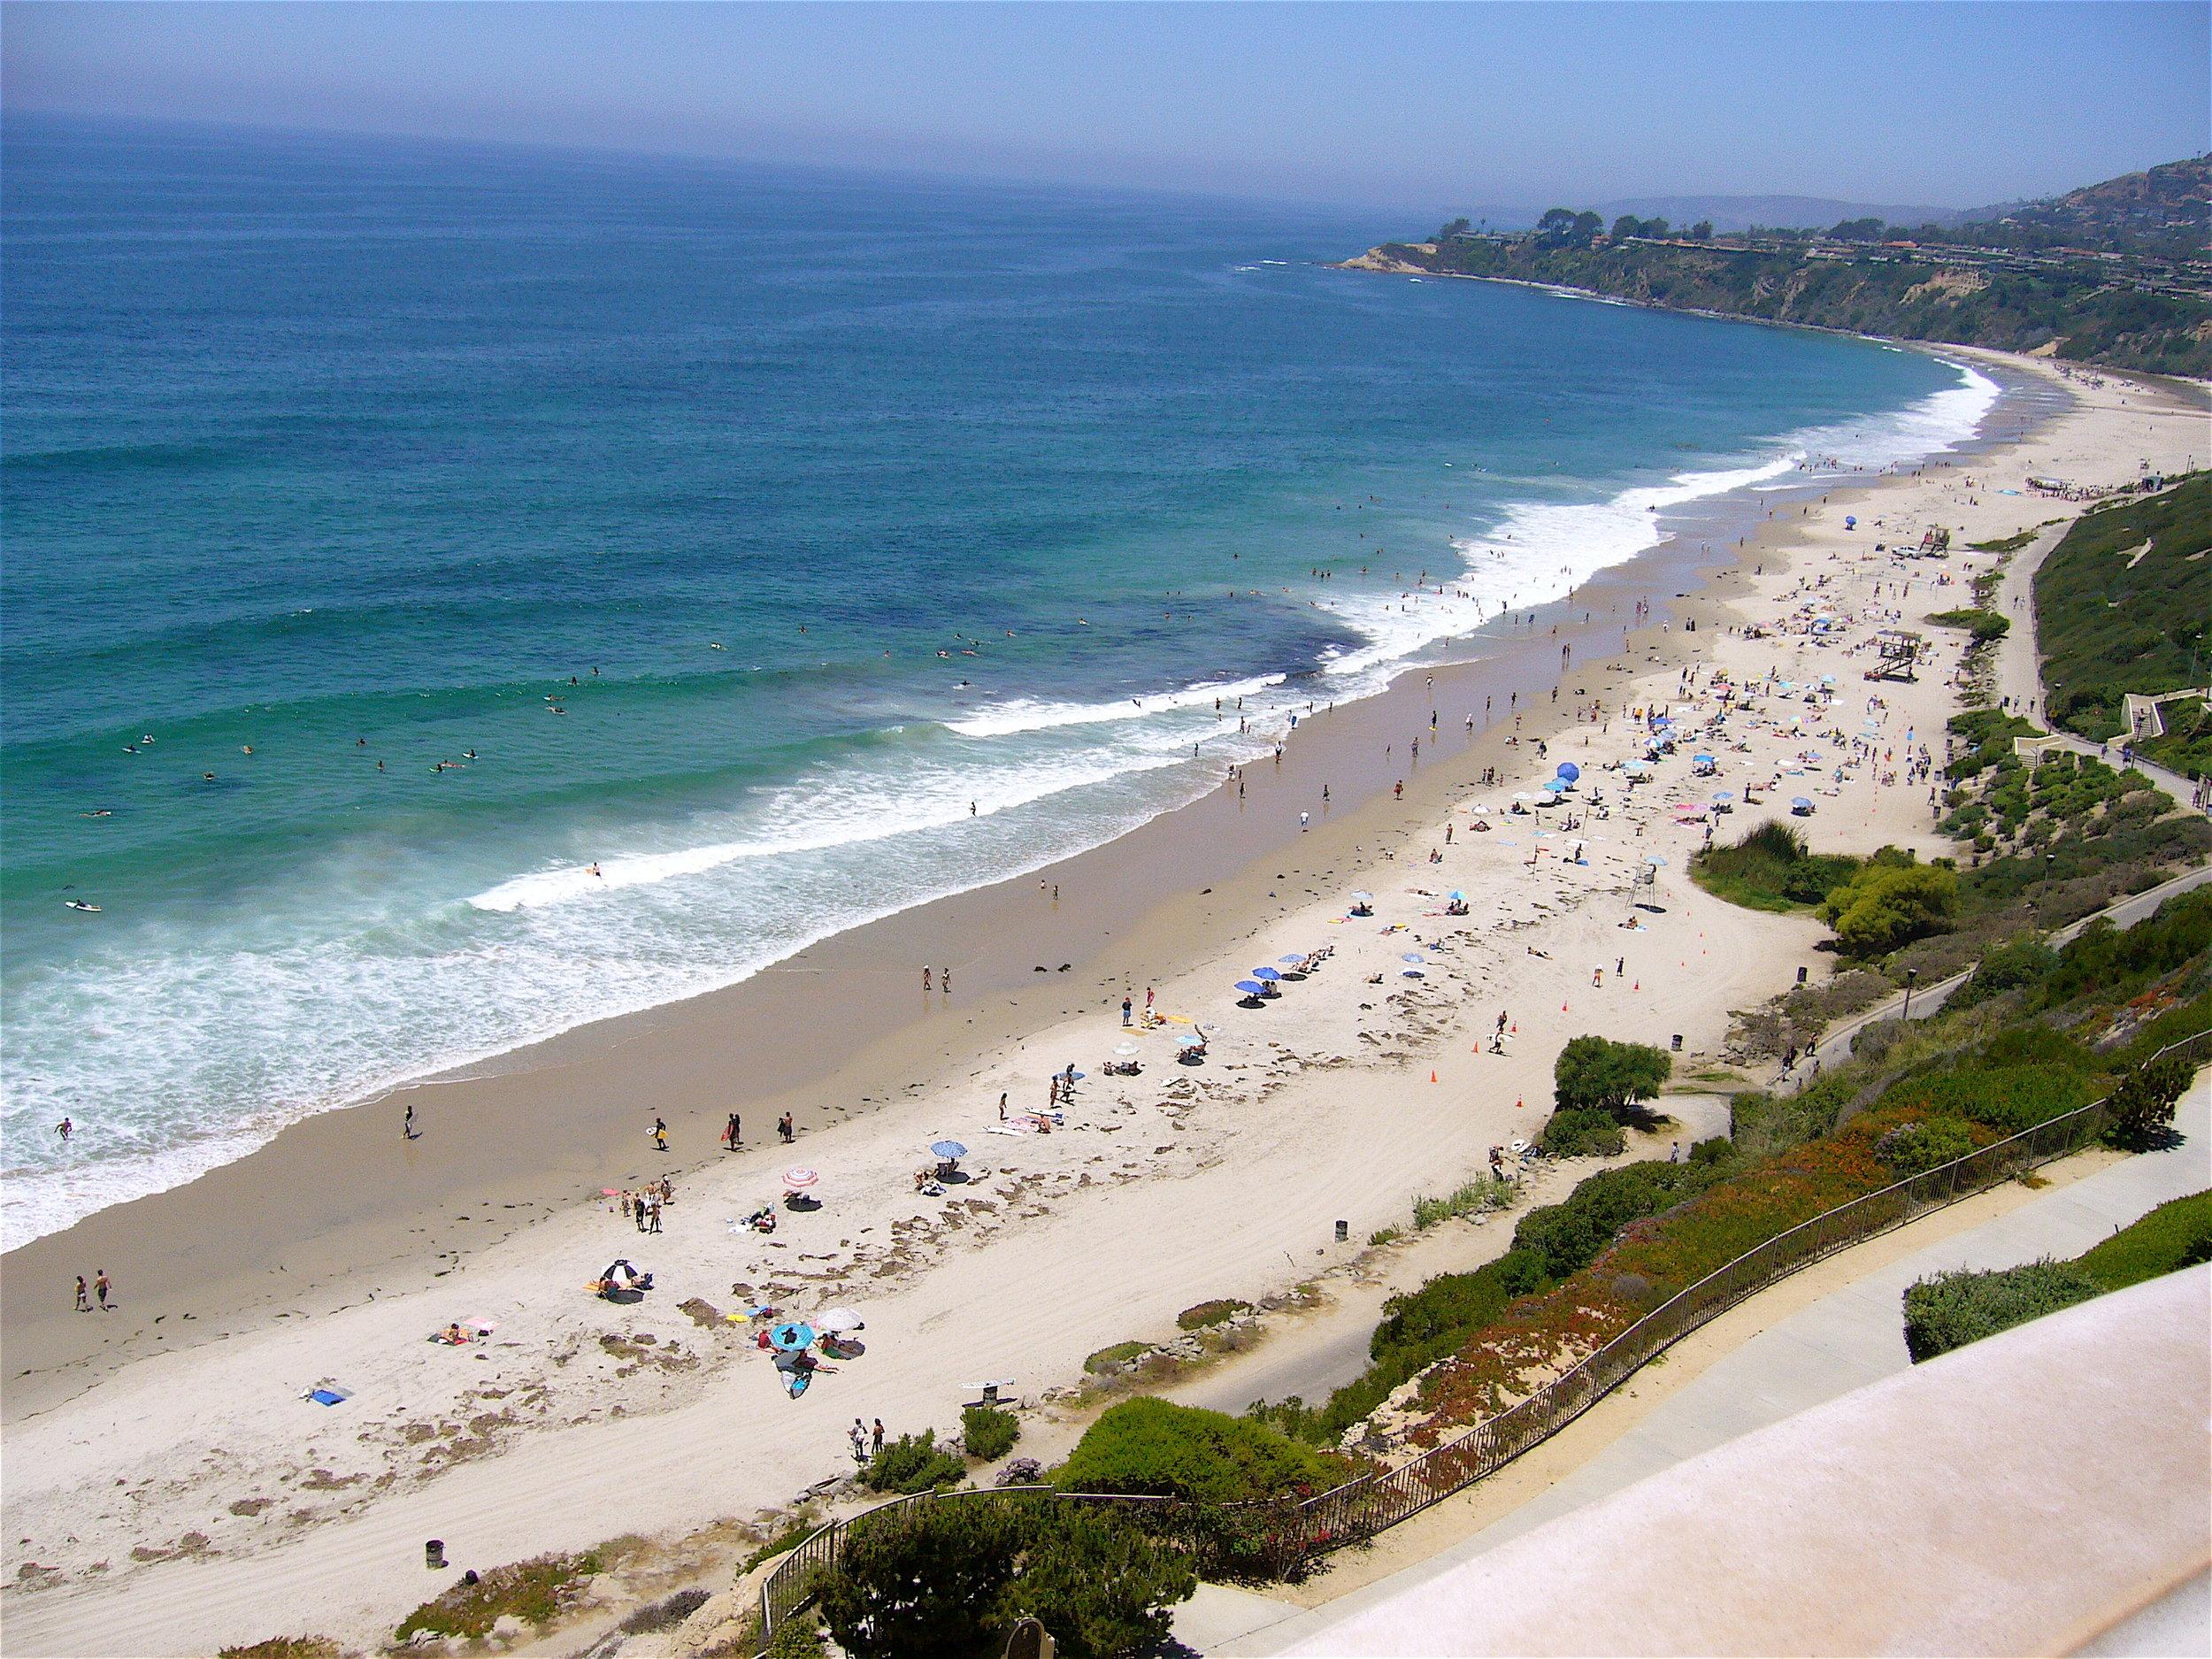 beach-ocean-view-2212851-o.jpg